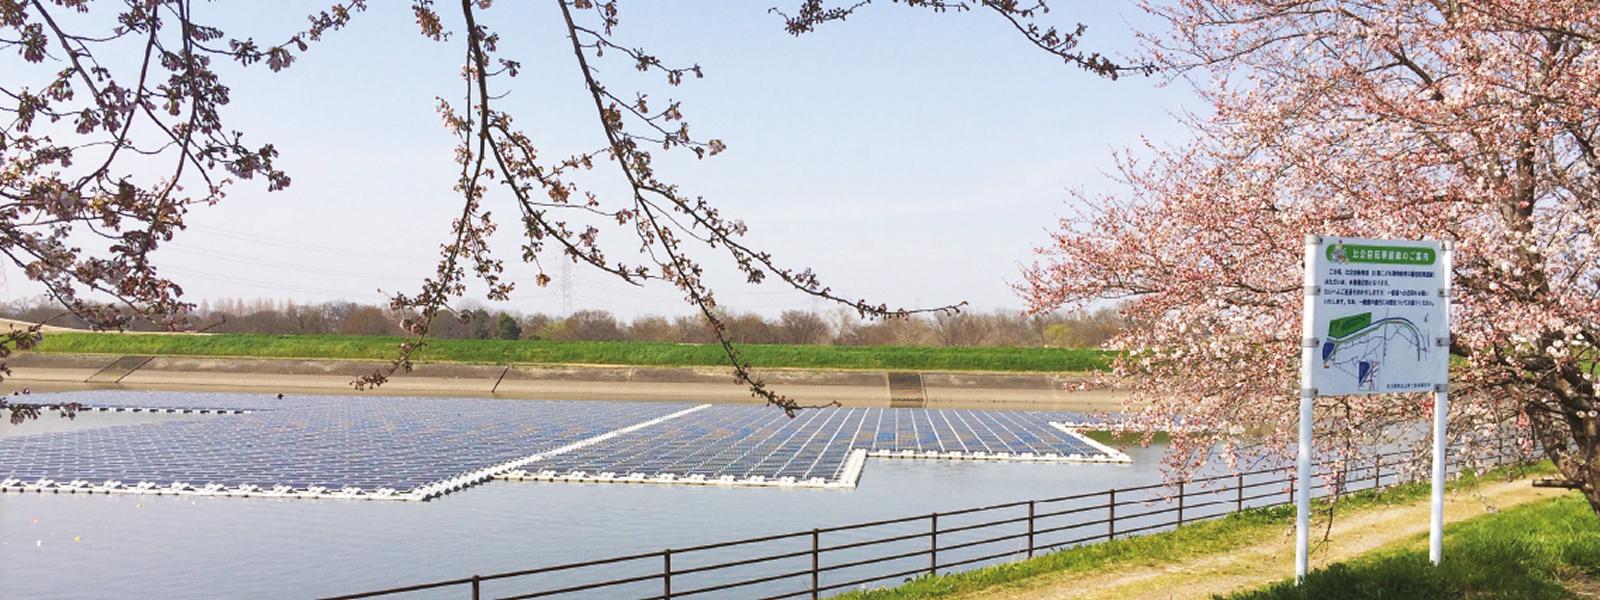 梅ノ木古凍貯水池(埼玉) - 画像はシエルテール社より提供